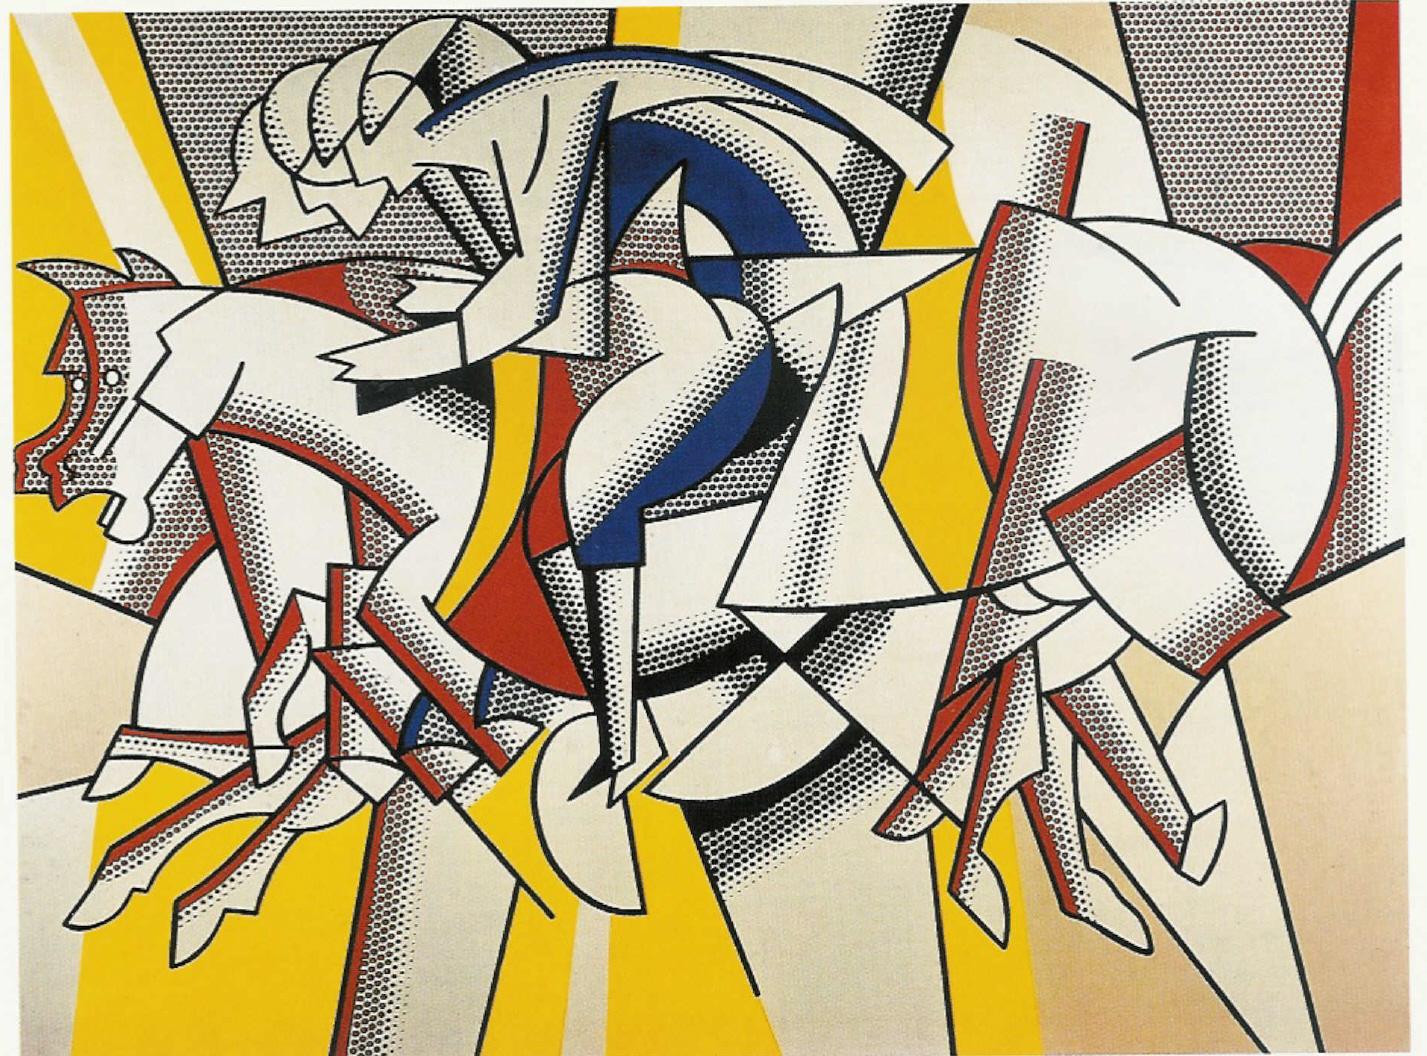 Roy lichtenstein el kit del dise ador - Pop art roy lichtenstein obras ...